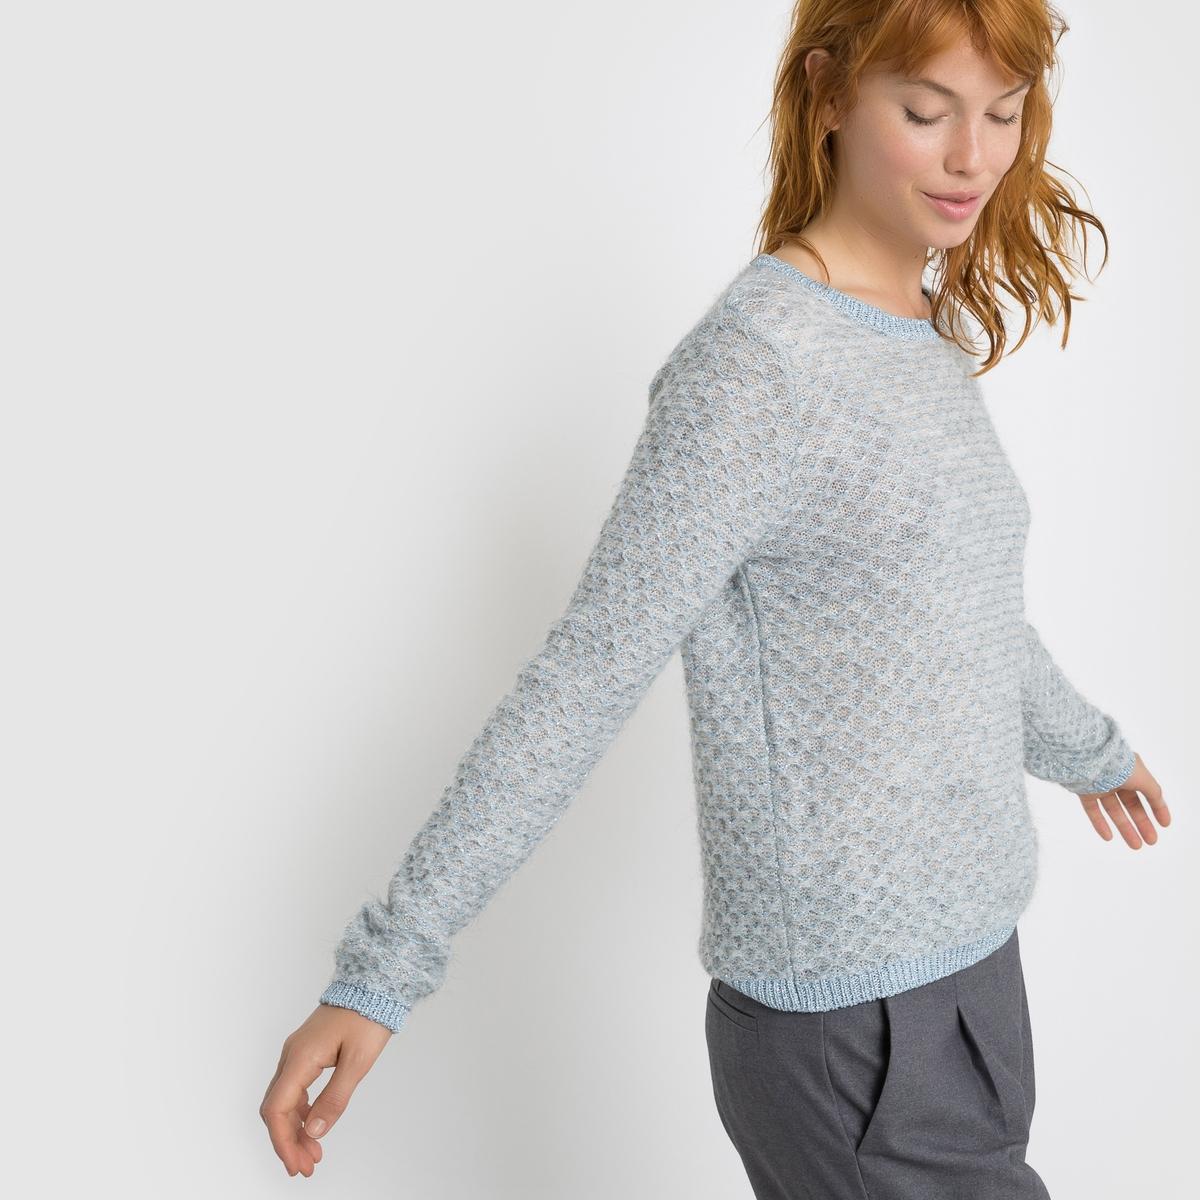 Пуловер жаккардовыйЖаккардовый пуловер. Трикотаж с легким блестящим эффектом . Закругленный вырез. Отделка в рубчик выреза, манжет и низа .Состав и описание : Материал         42% акрила, 30% полиамида, 14% шерсти, 14 шерсти мериноса                                 (края : 80% вискозы, 20% полиэстера)Длина      57 см Бренд: Mademoiselle RУход :Машинная стирка при 30° в деликатном режимеСтирать и сушить с изнаночной стороныМашинная сушка запрещенаГладить на очень низкой температуре  ВНИМАНИЕ: модель розового цвета имеет по ширине такую же окантовку, что и модель голубого цвета.<br><br>Цвет: небесно-голубой<br>Размер: 34/36 (FR) - 40/42 (RUS)